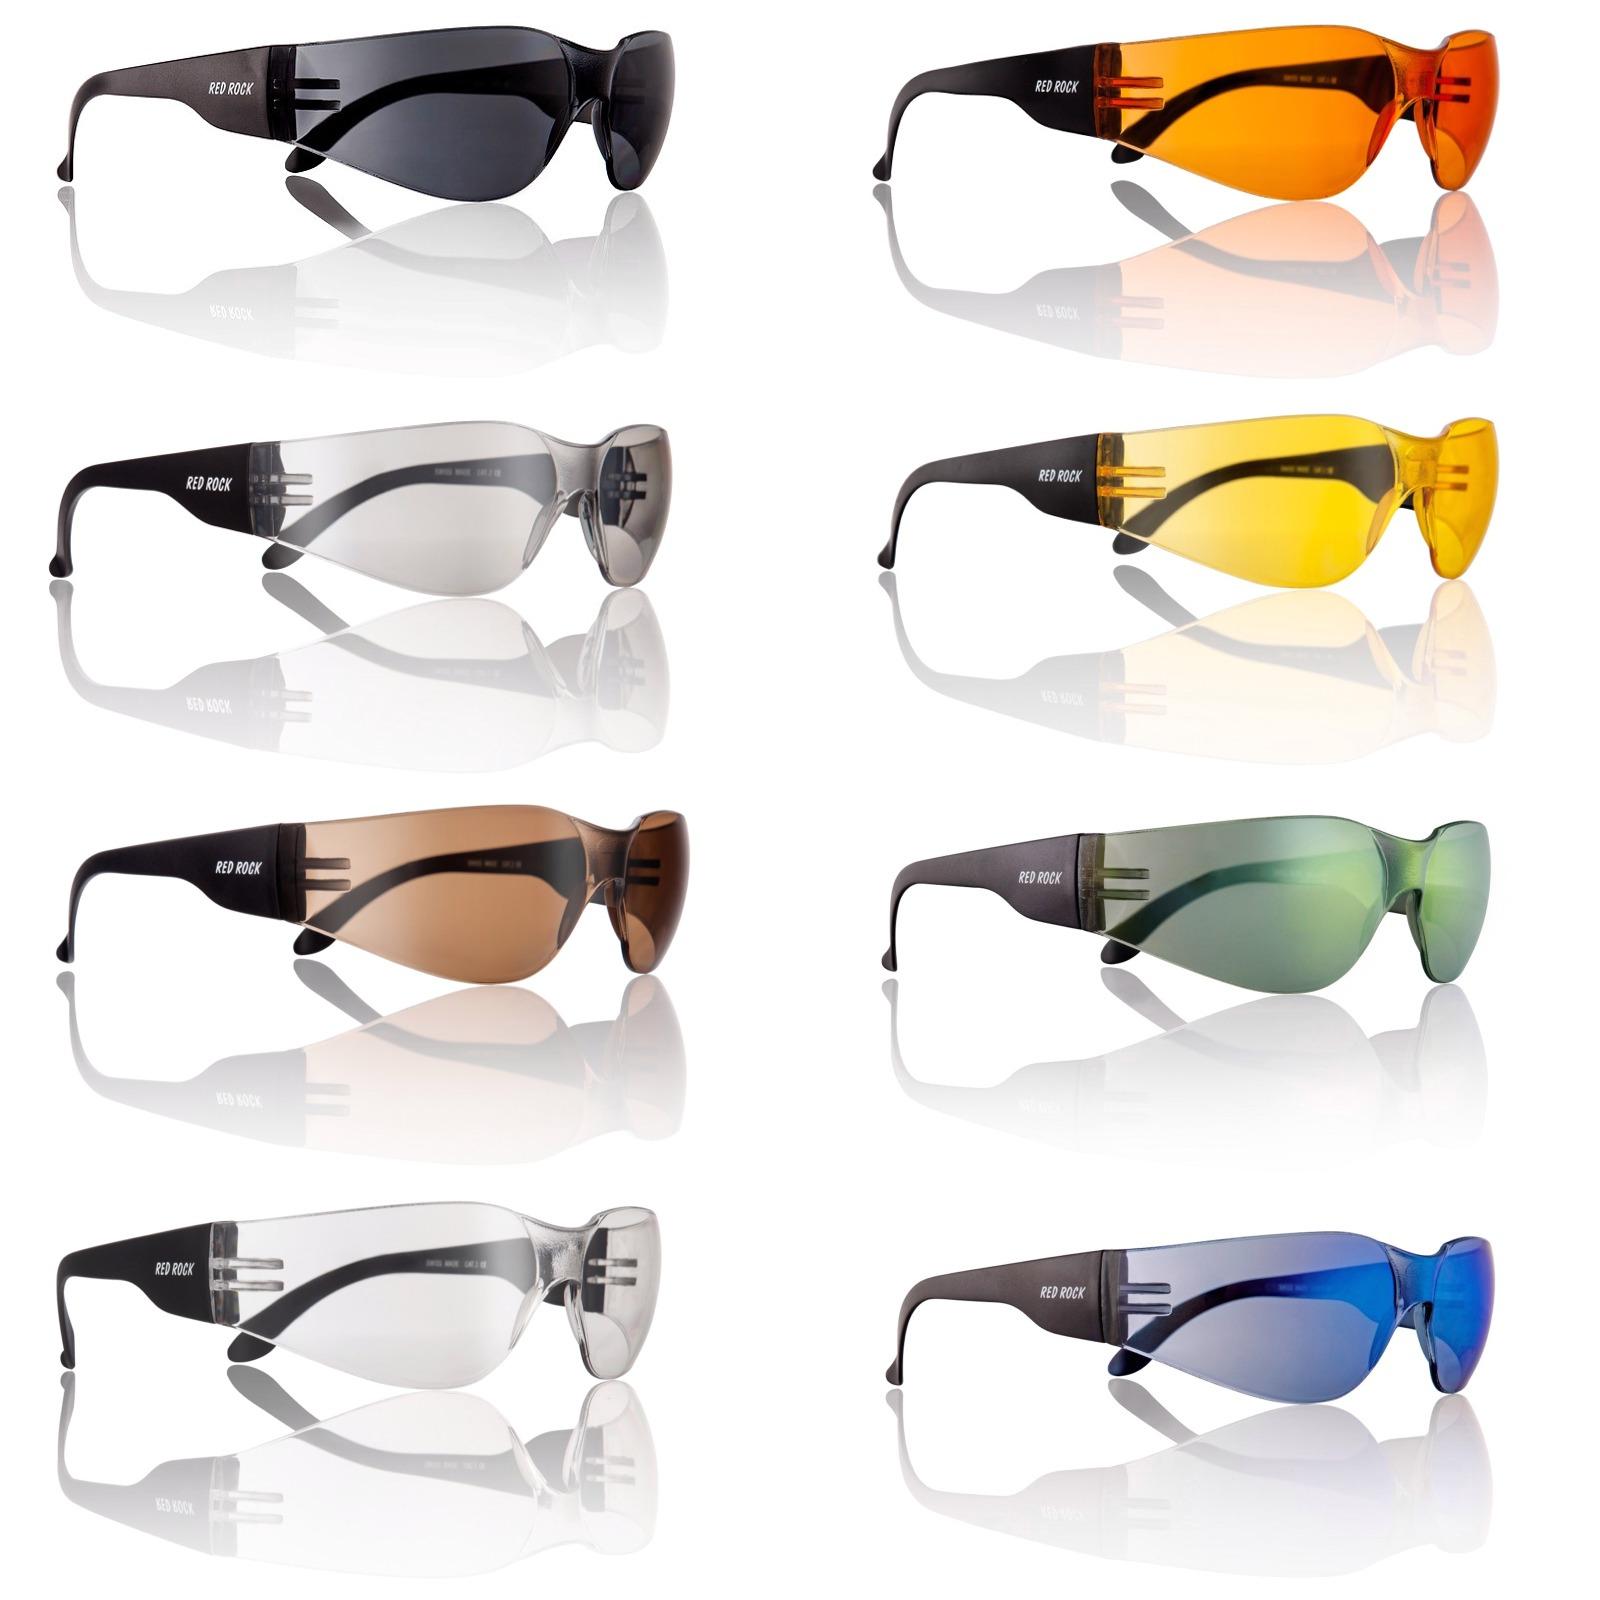 Für Deine Augen nur das Sicherste – bereits 3 Modelle sind als Schutzbrille geprüft – Vetrieb schweizweit über unseren Onlineshop